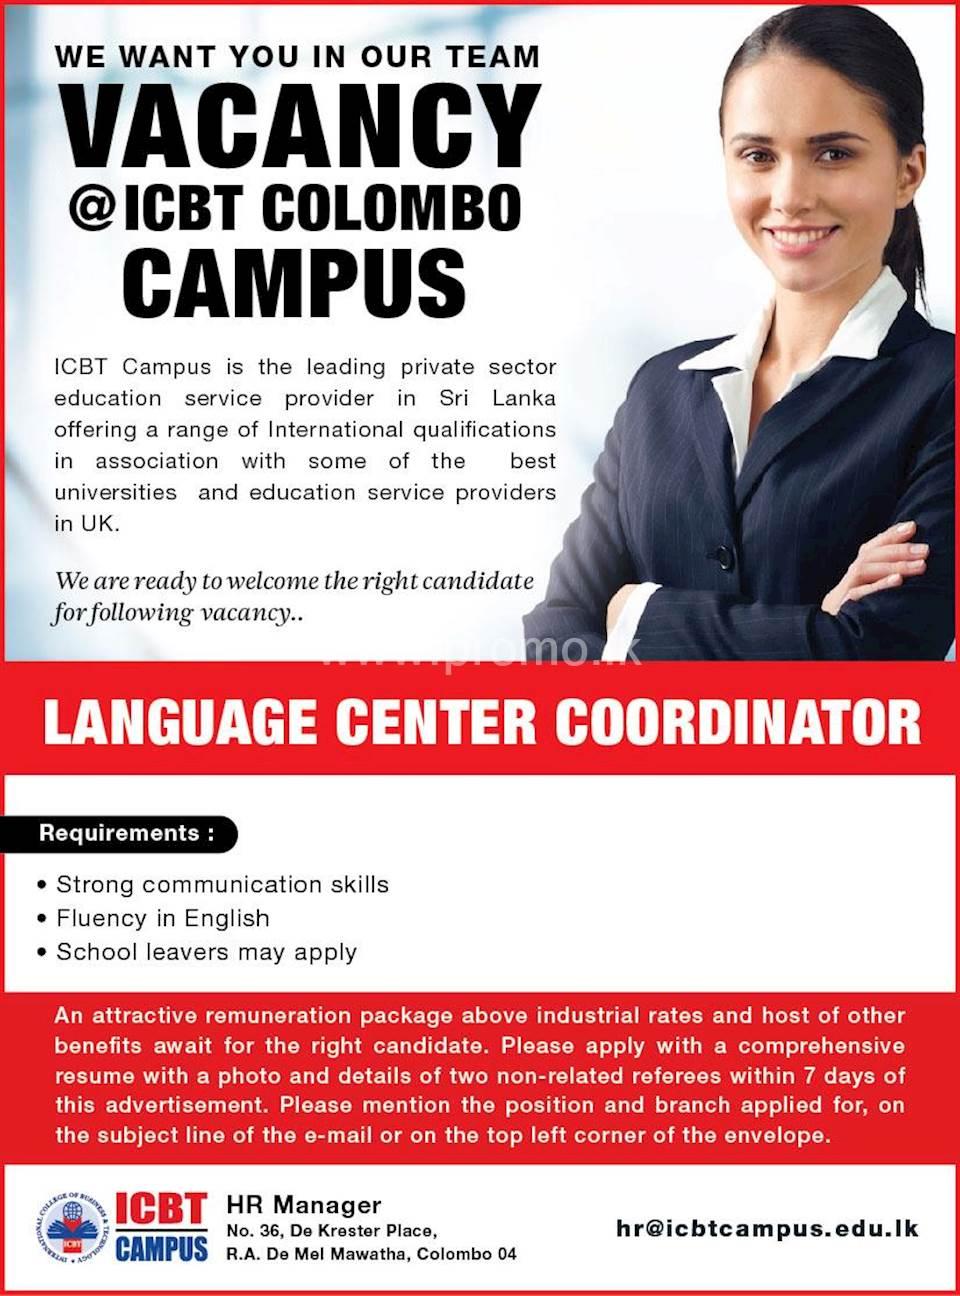 Language Center Coordinator at ICBT Campus